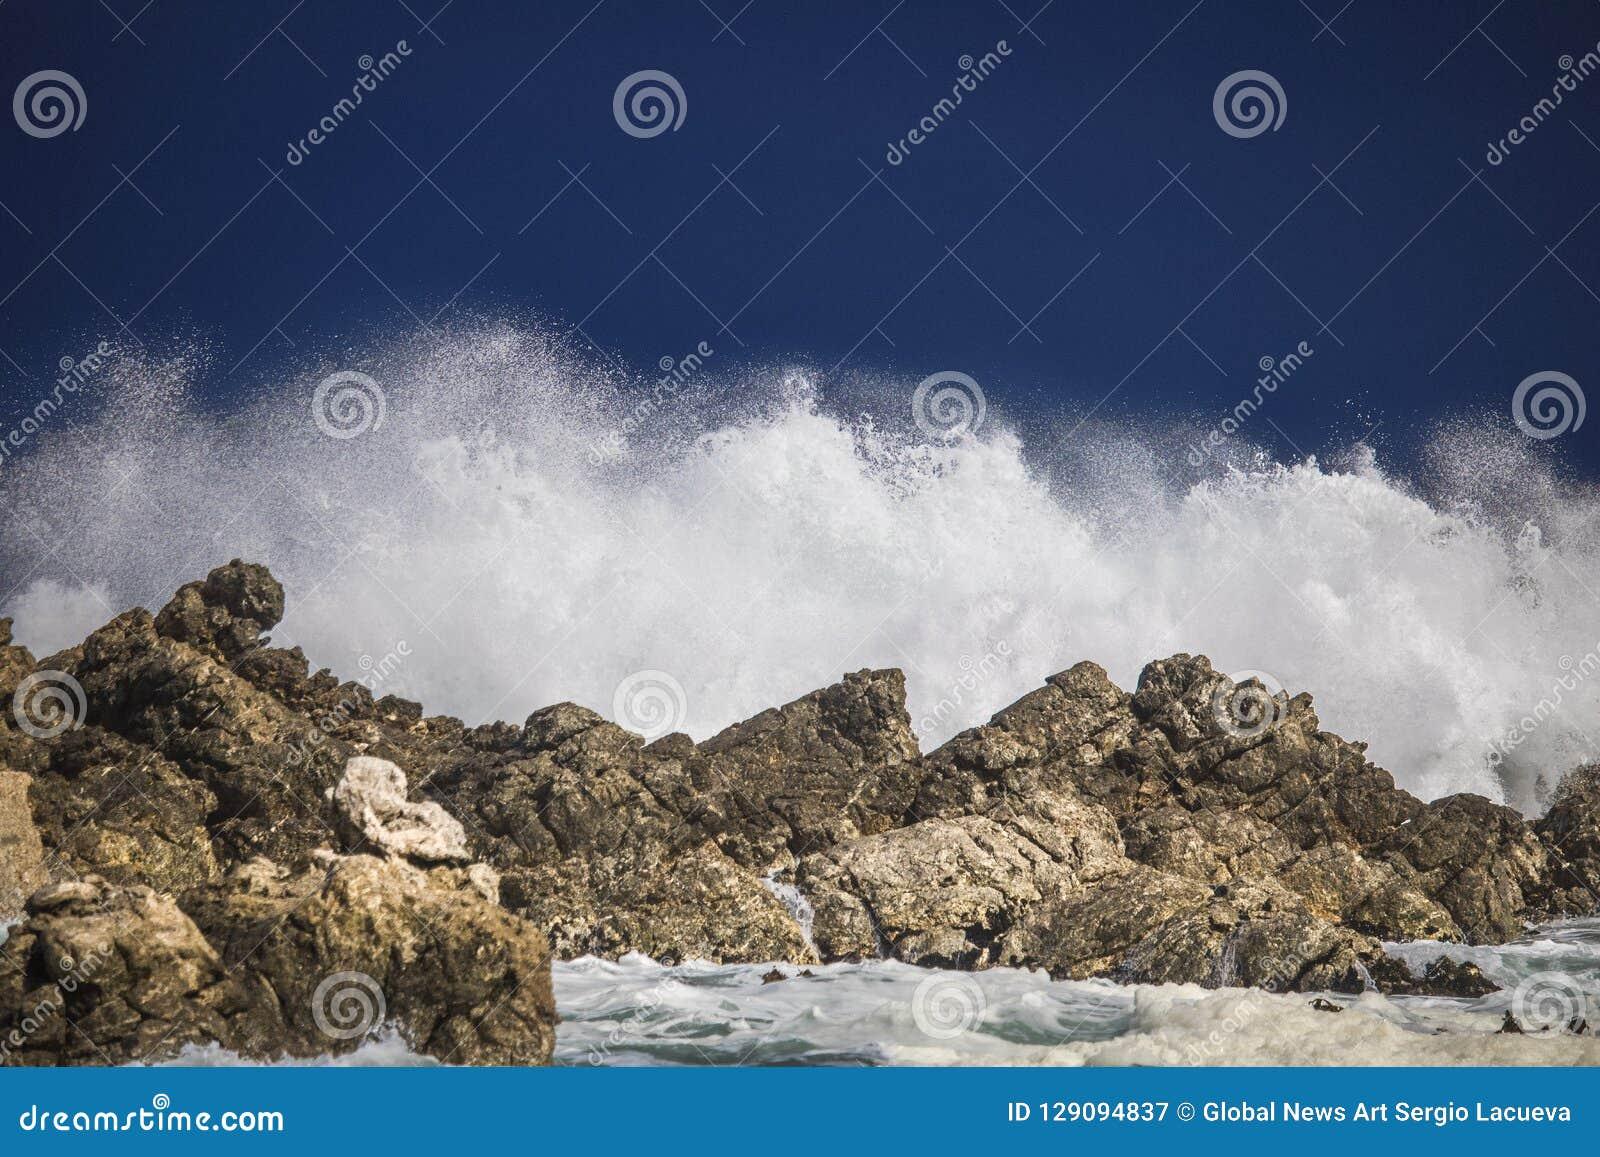 Dramatyczny duży burzowy rozbija fala pluśnięcie Kleinmond, Zachodni przylądek, Południowa Afryka